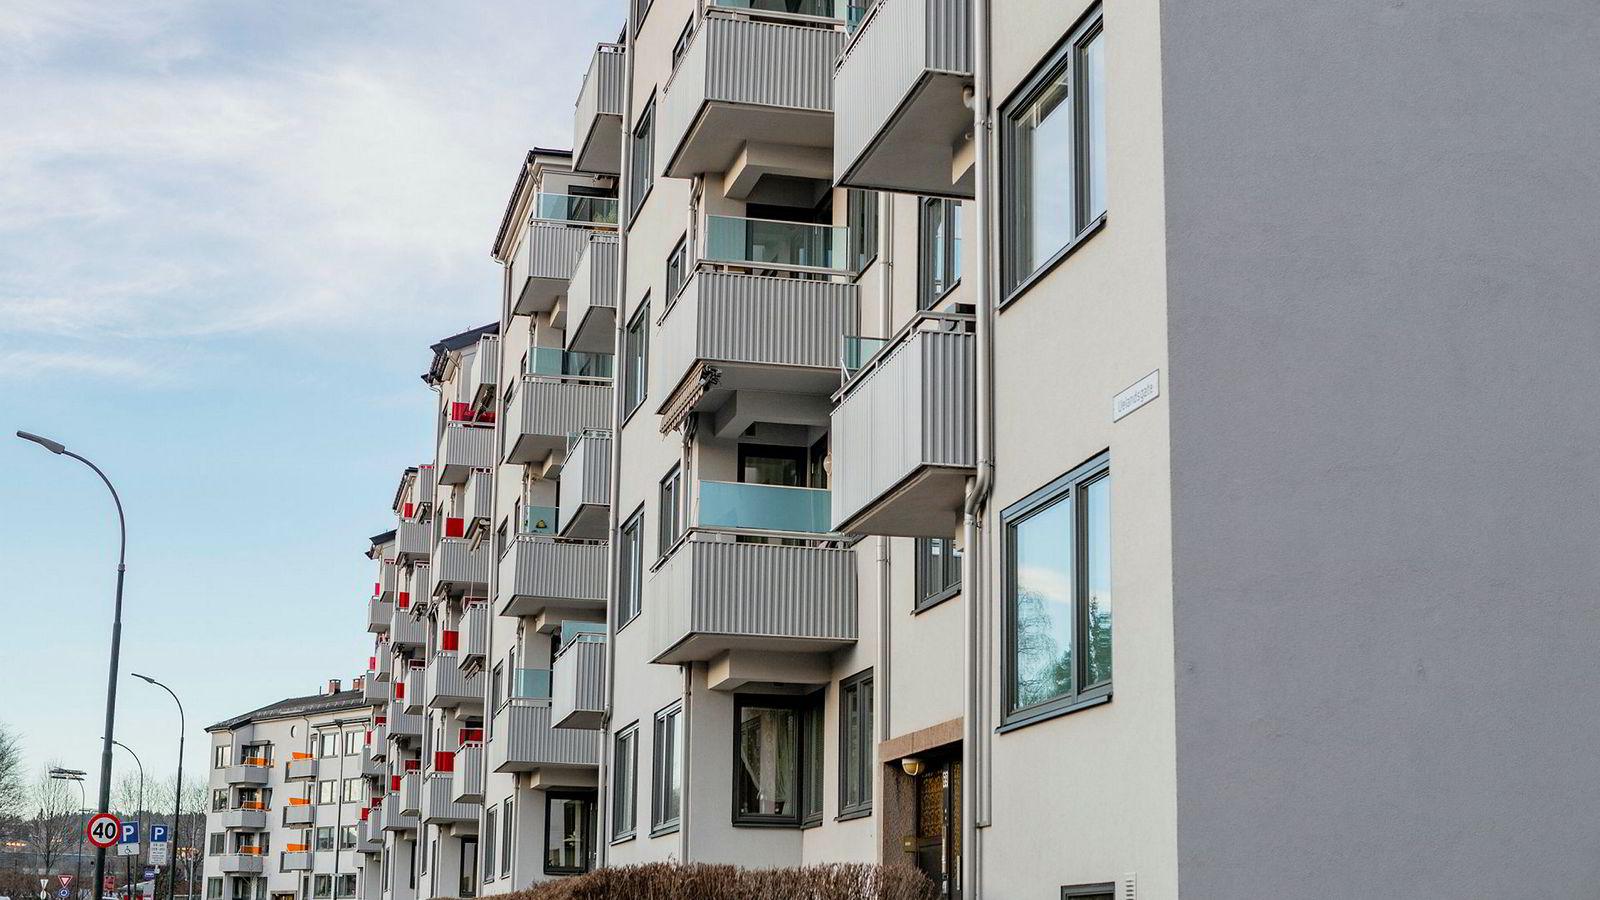 Leiligheter på Sagene i Oslo.